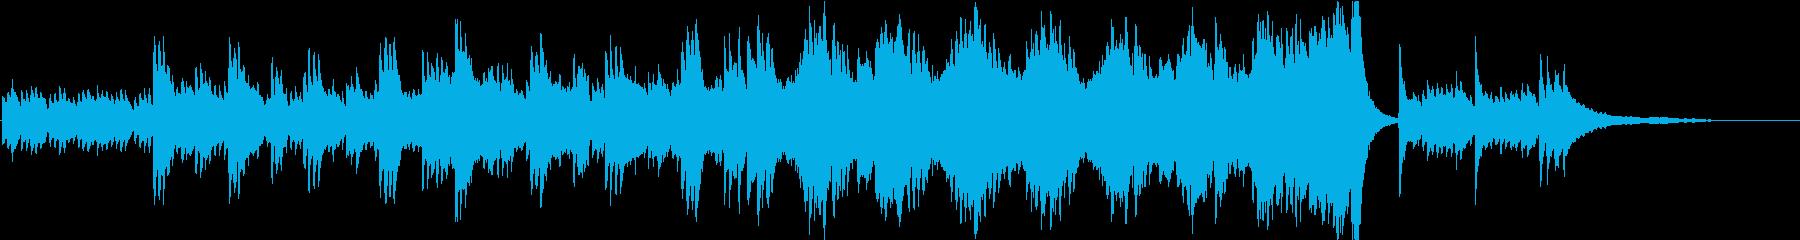 短縮版】エレガントで落ち着きのあるピアノの再生済みの波形